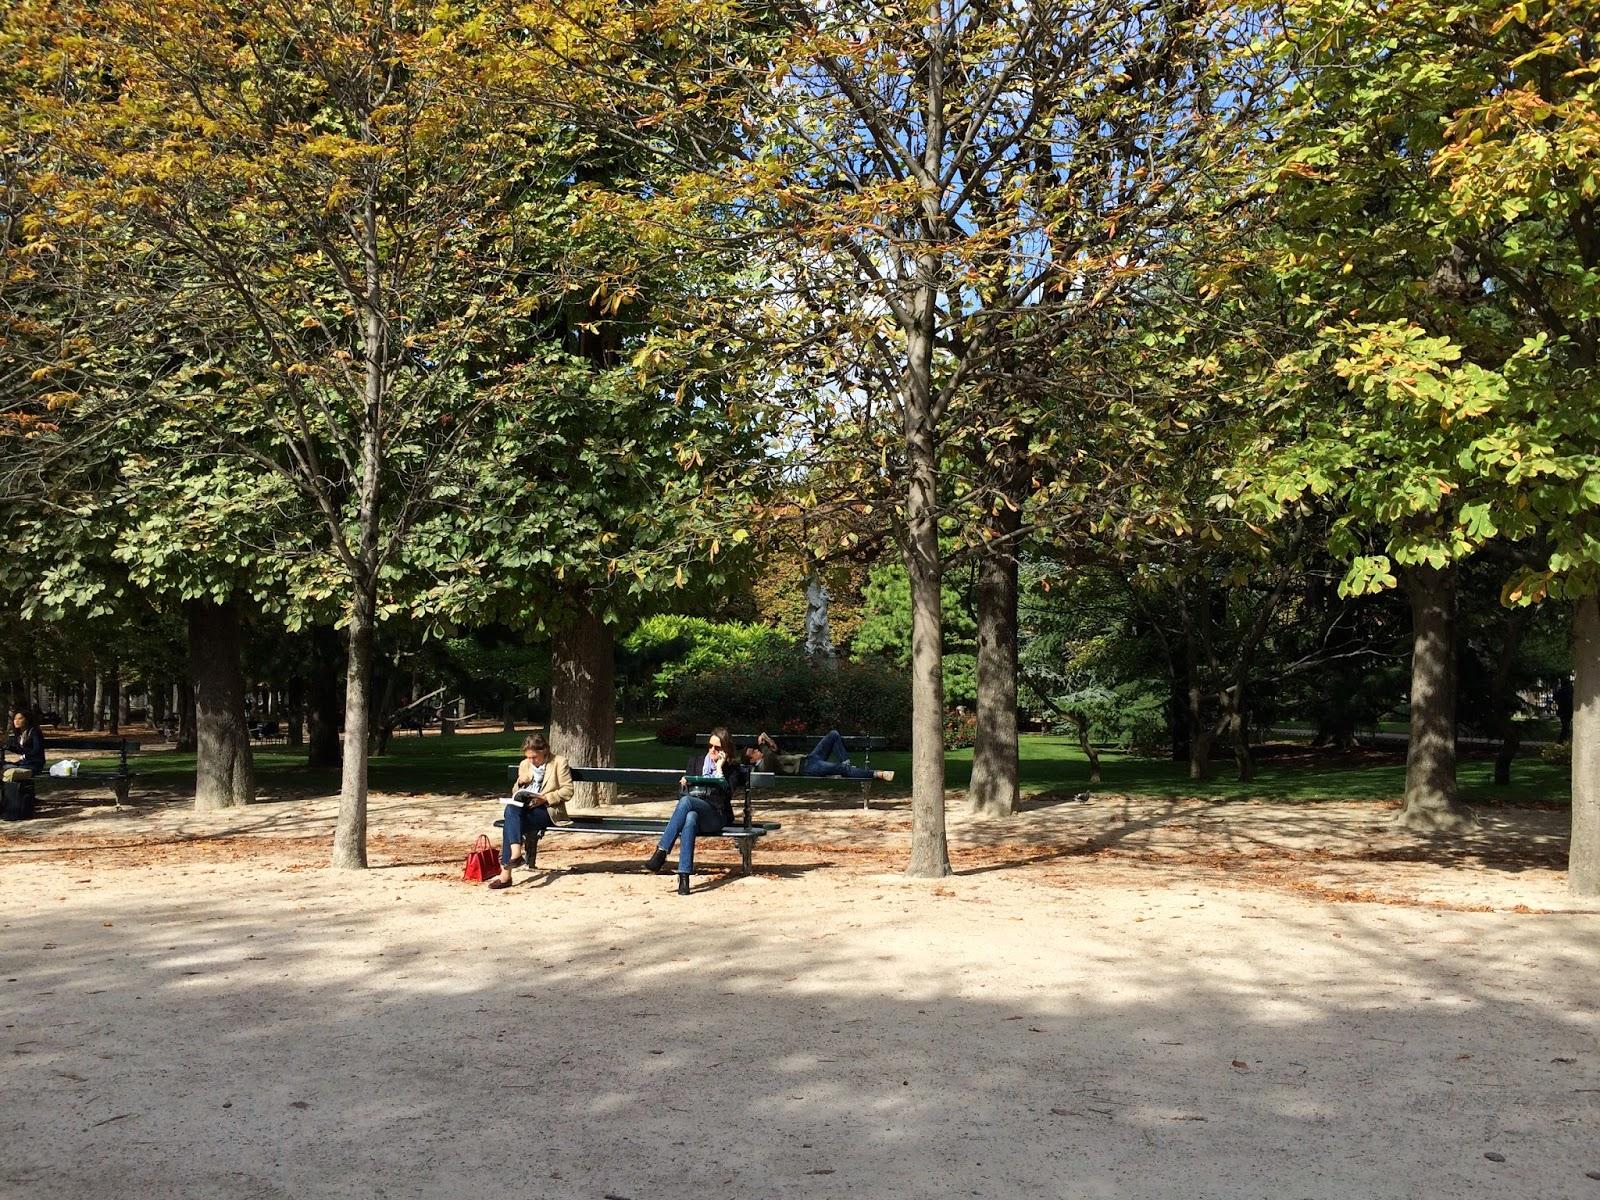 Luxemburg bahçesi park